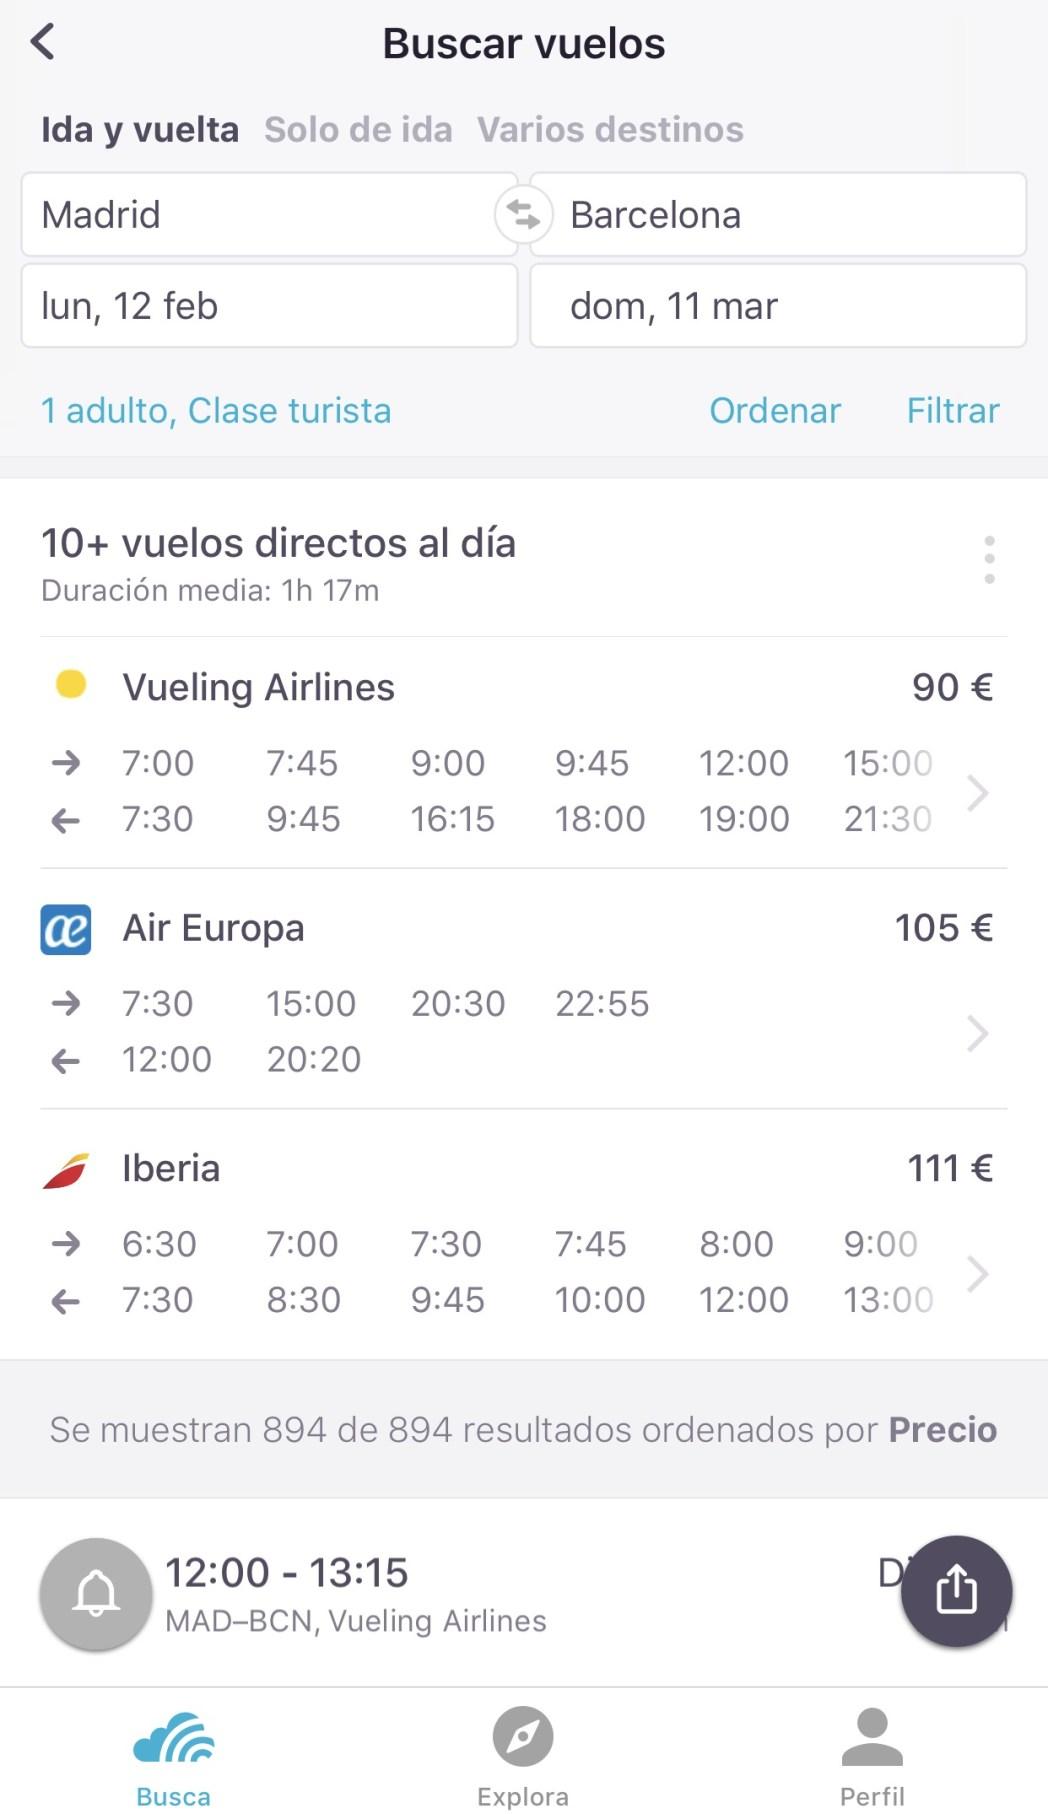 Cómo encontrar vuelos baratos con tu móvil  lugar concreto eb9878b53e7